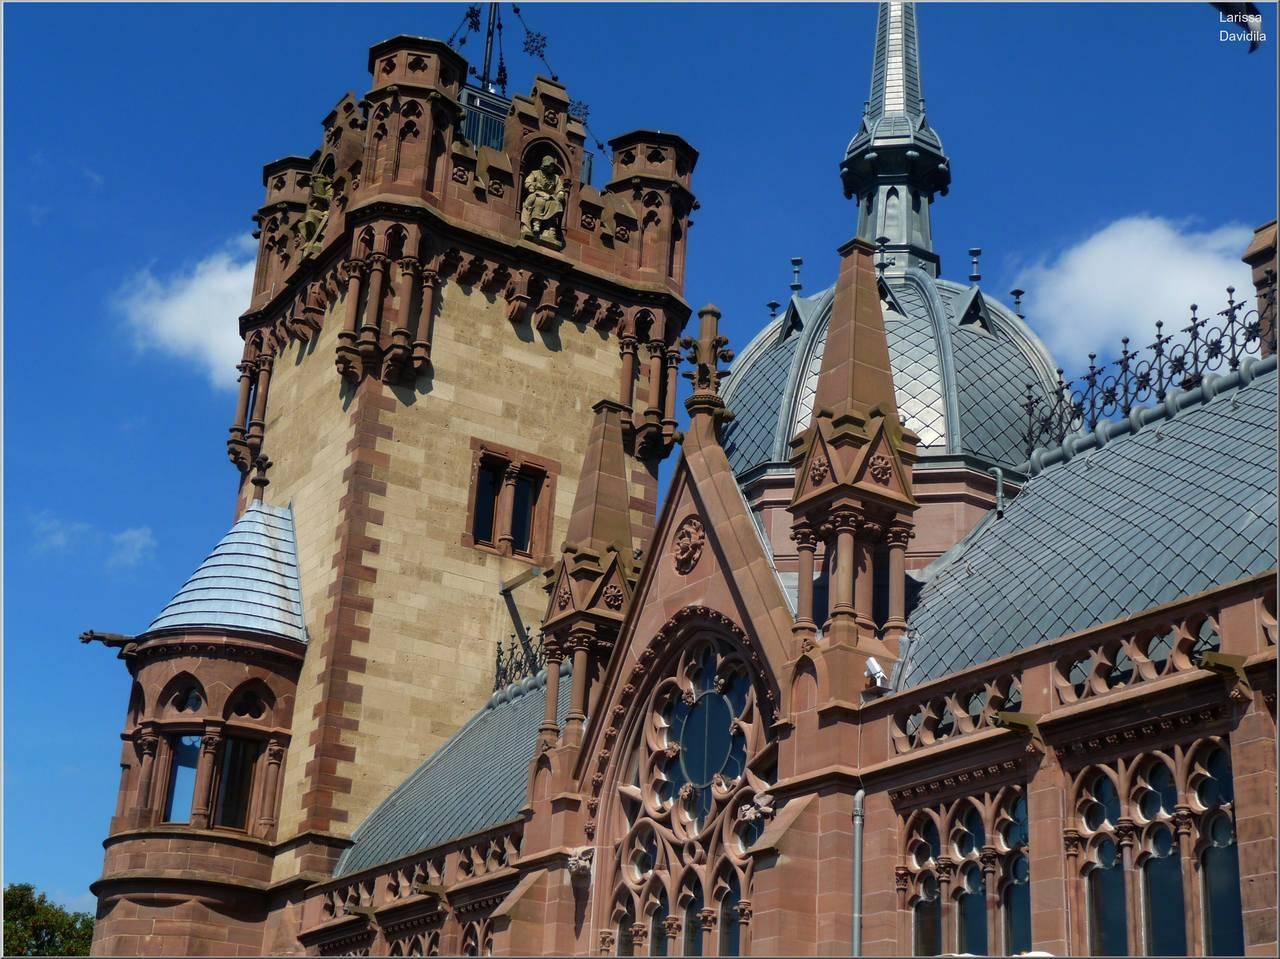 Замок драхенбург: роскошная сказка вестфалии